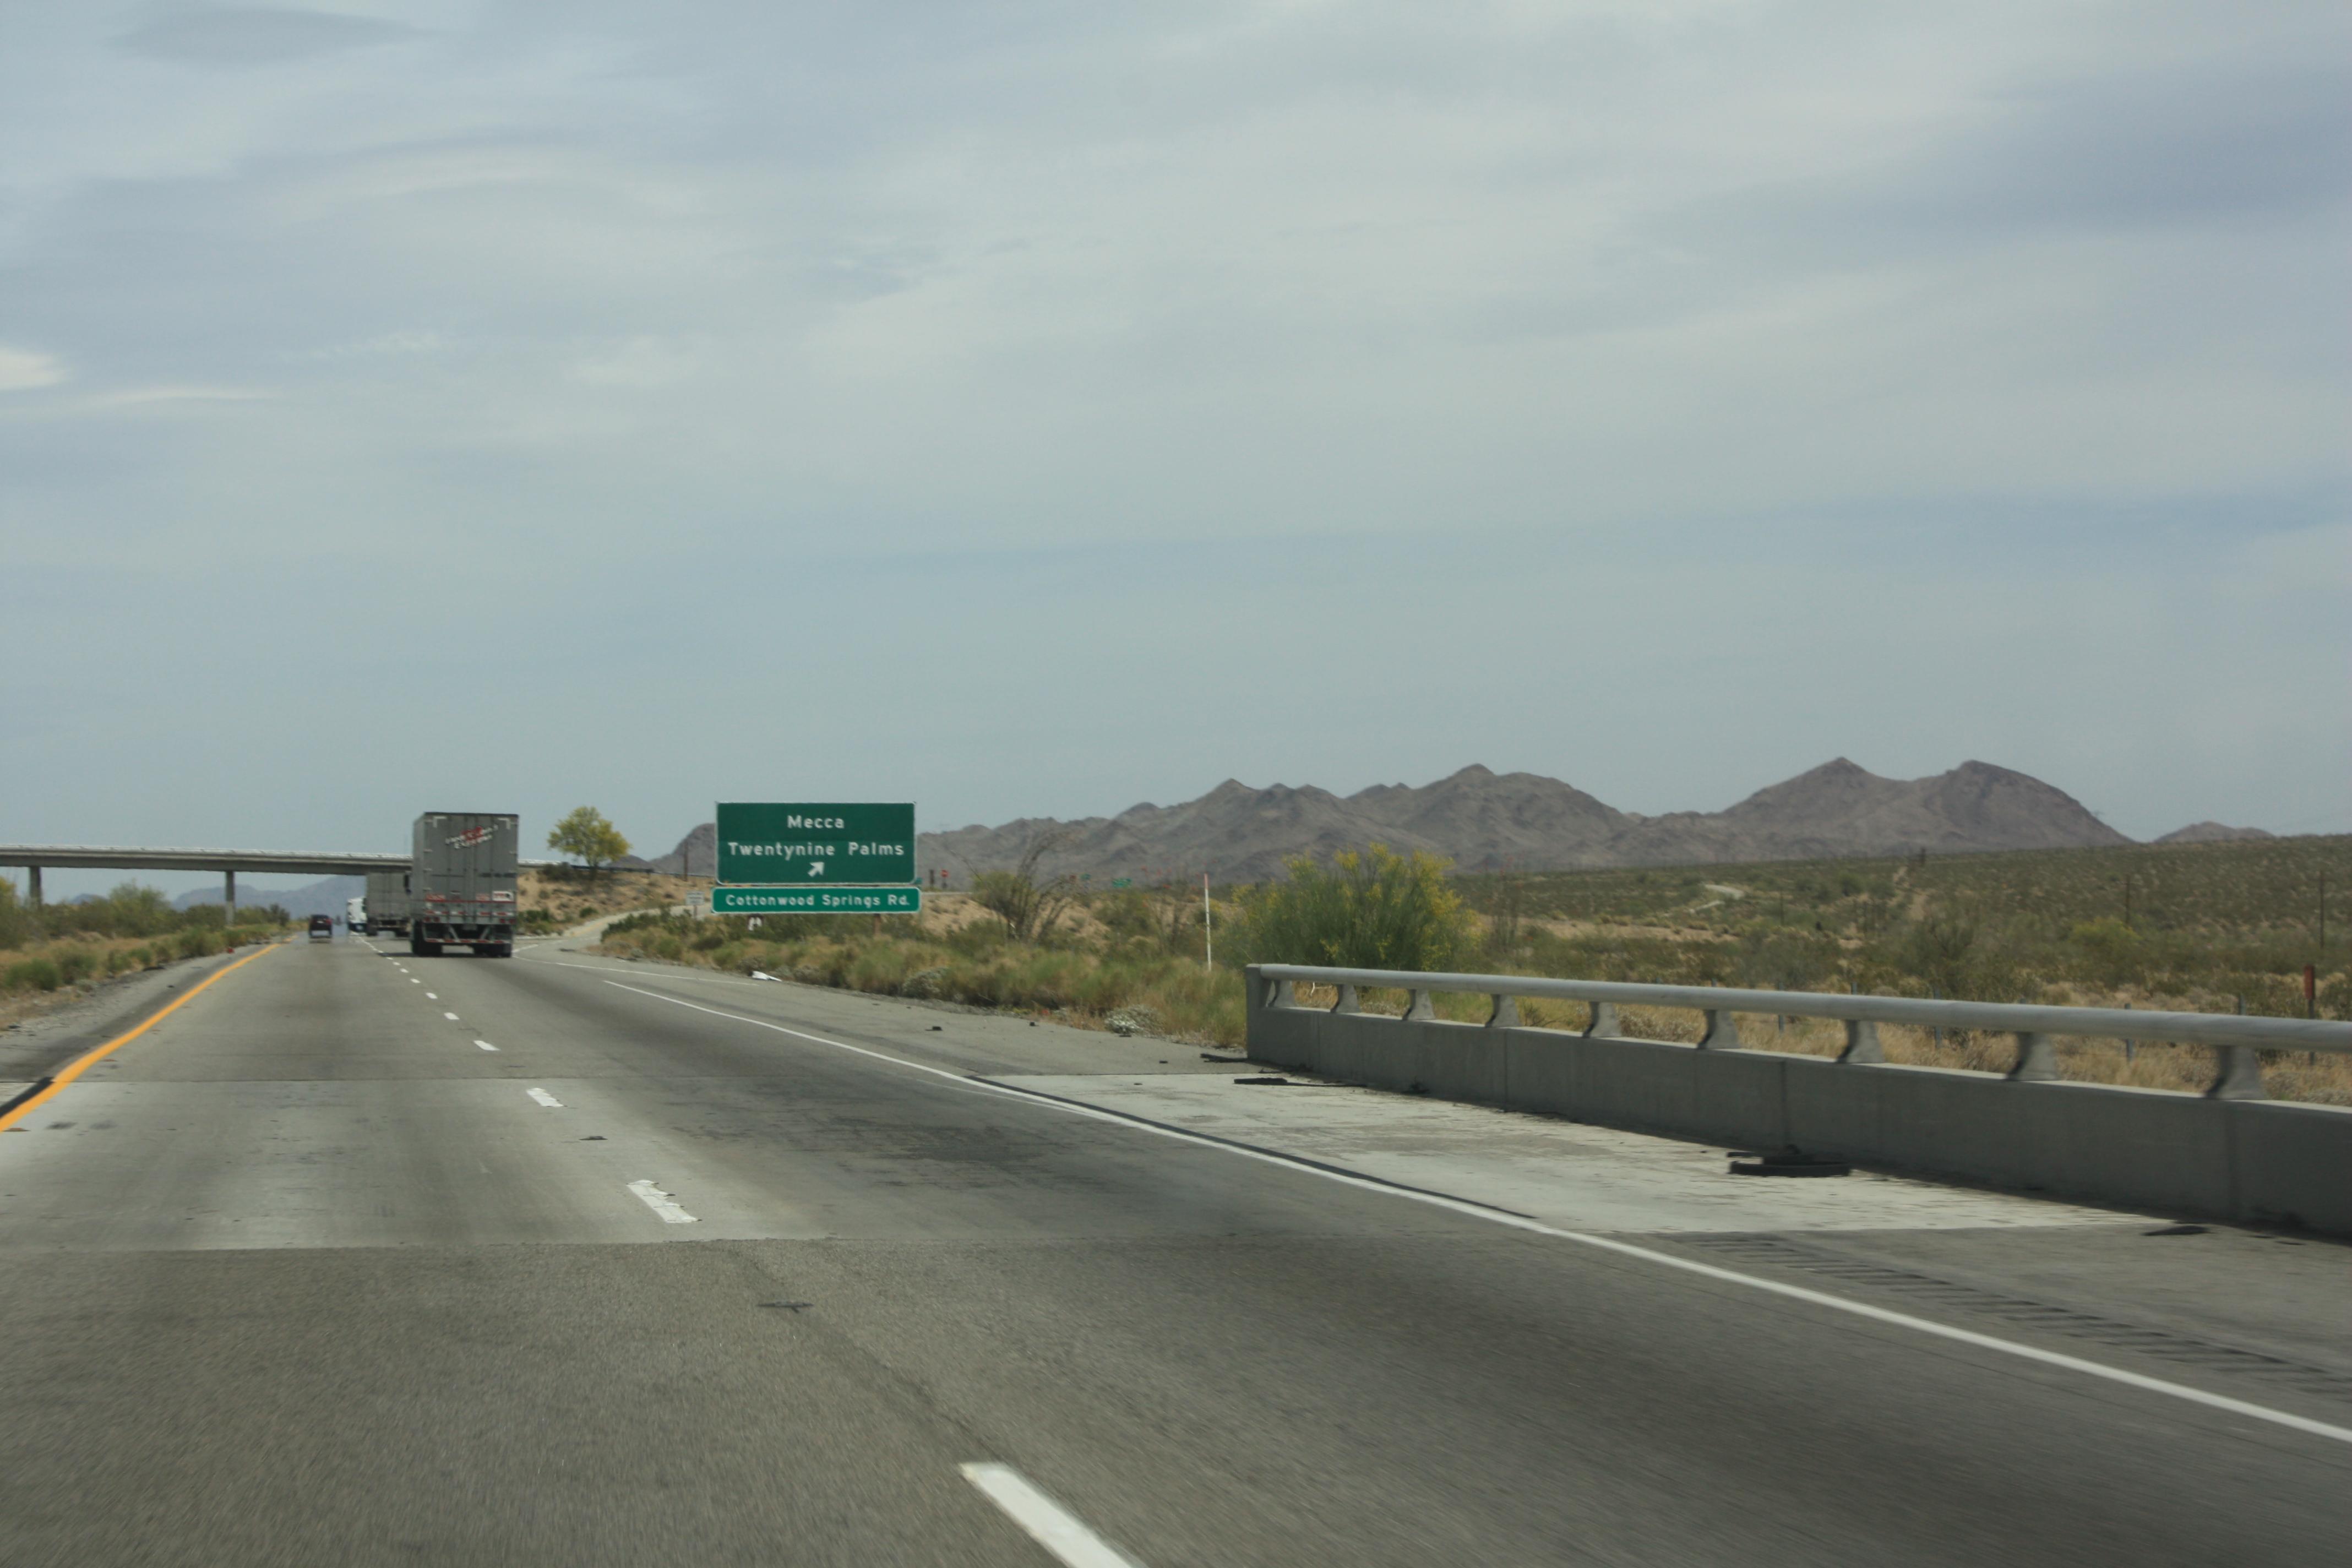 Exit to Mecca, California